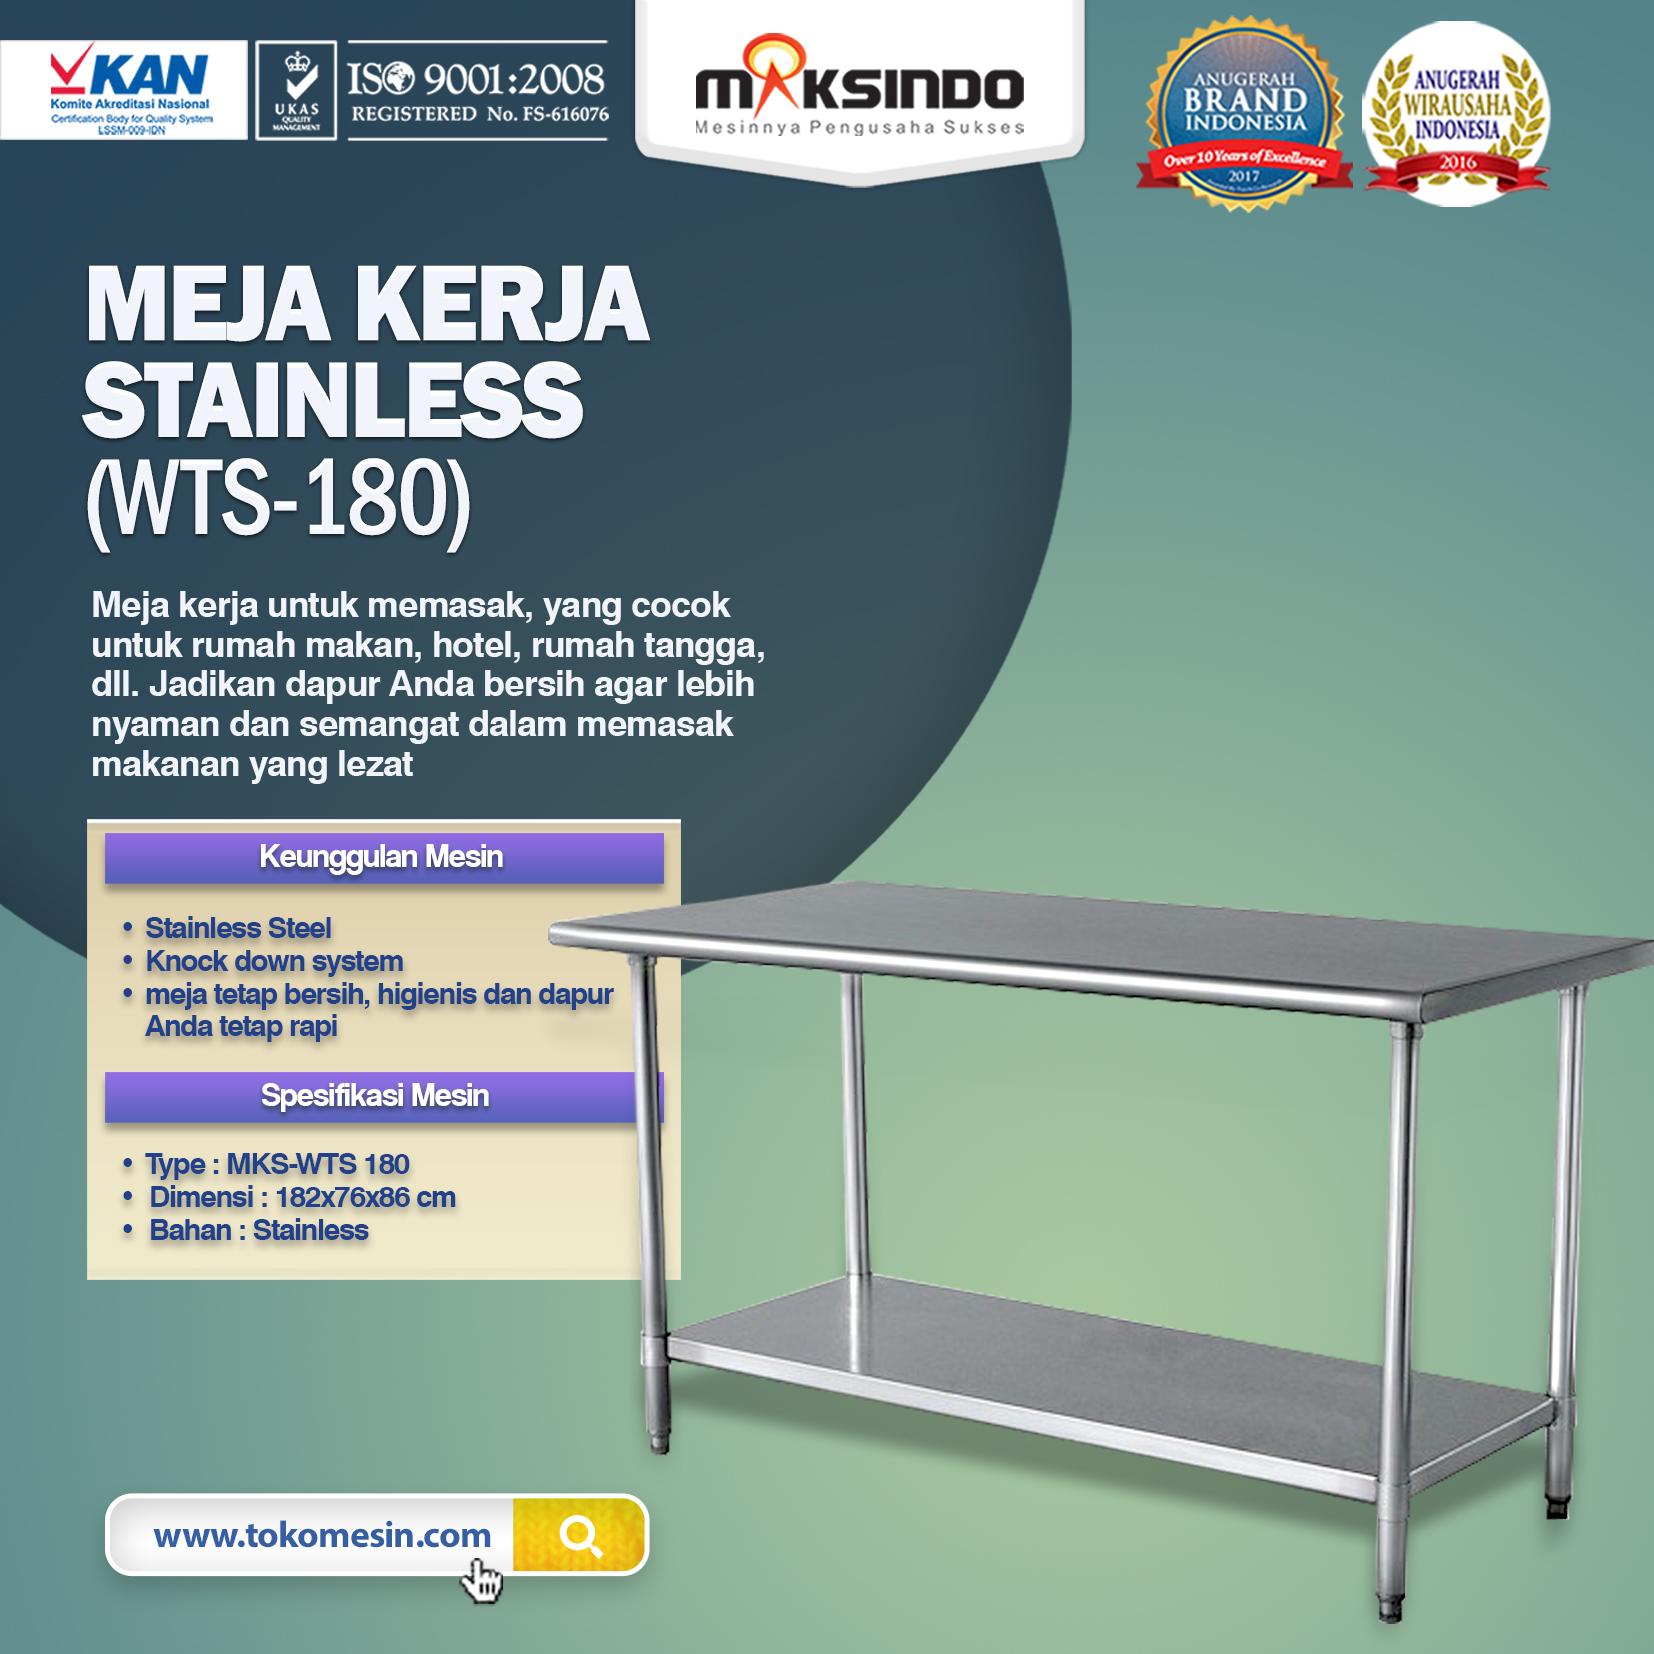 Meja Kerja Stainless WTS-180